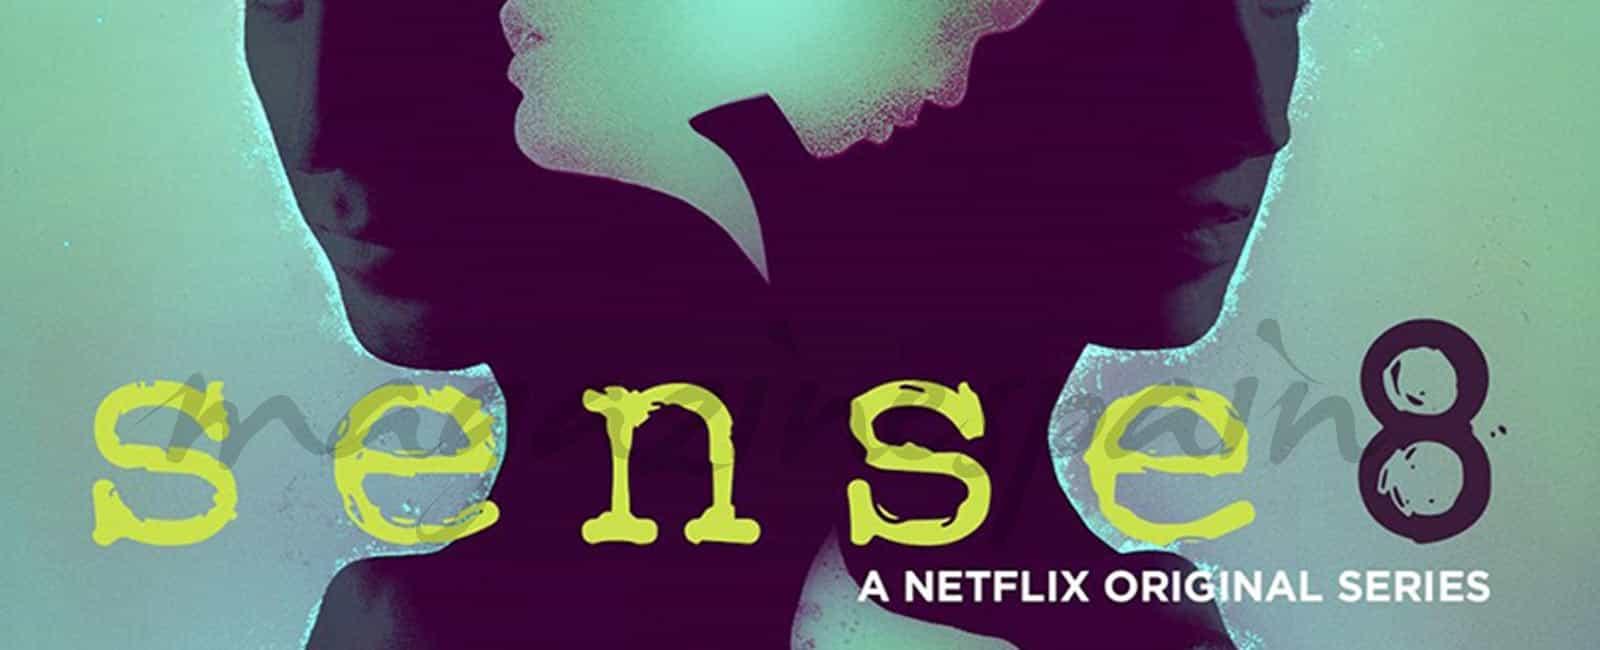 Miguel Ángel Silvestre en 'Sense8': Primeras imágenes de la nueva temporada